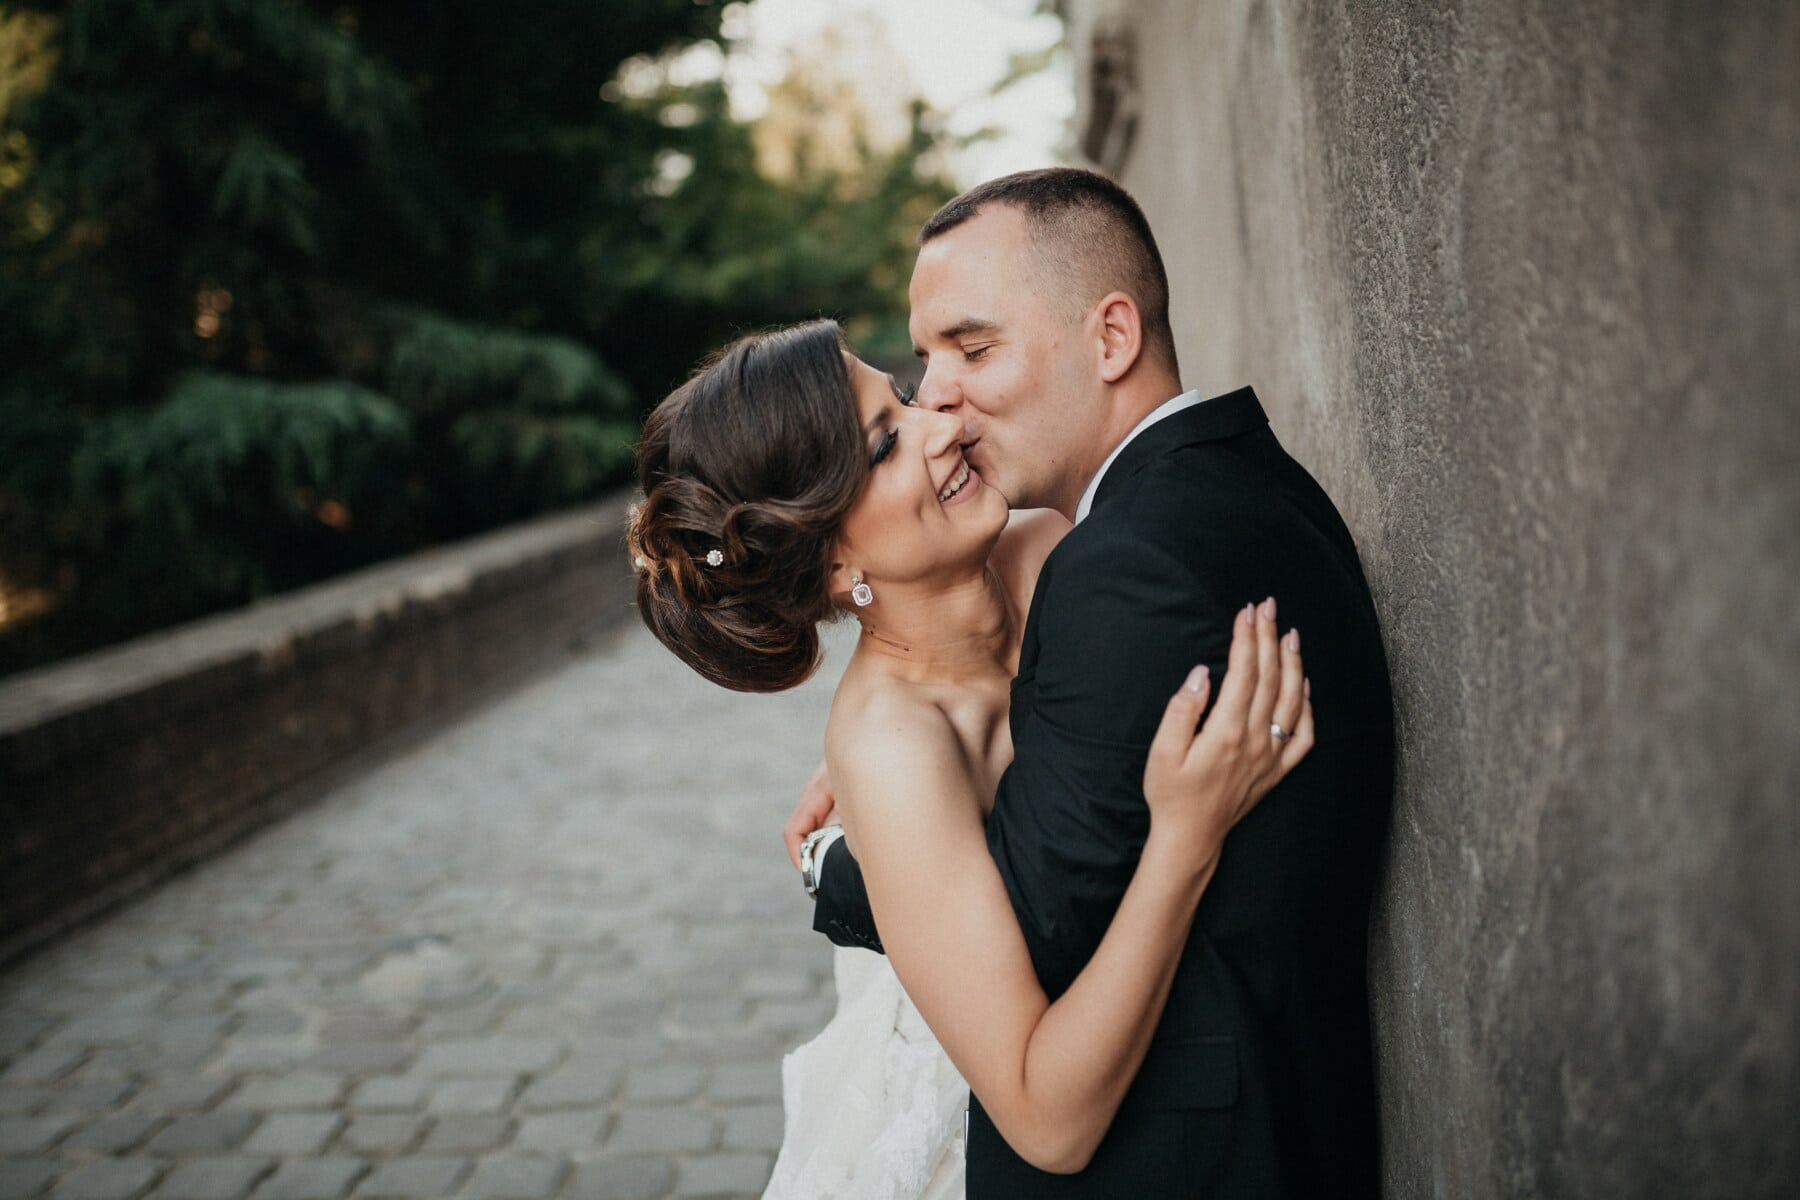 nő, átölelve, csók, szeretet, ember, romantikus randevú, szerelem, érzékenység, vőlegény, menyasszony